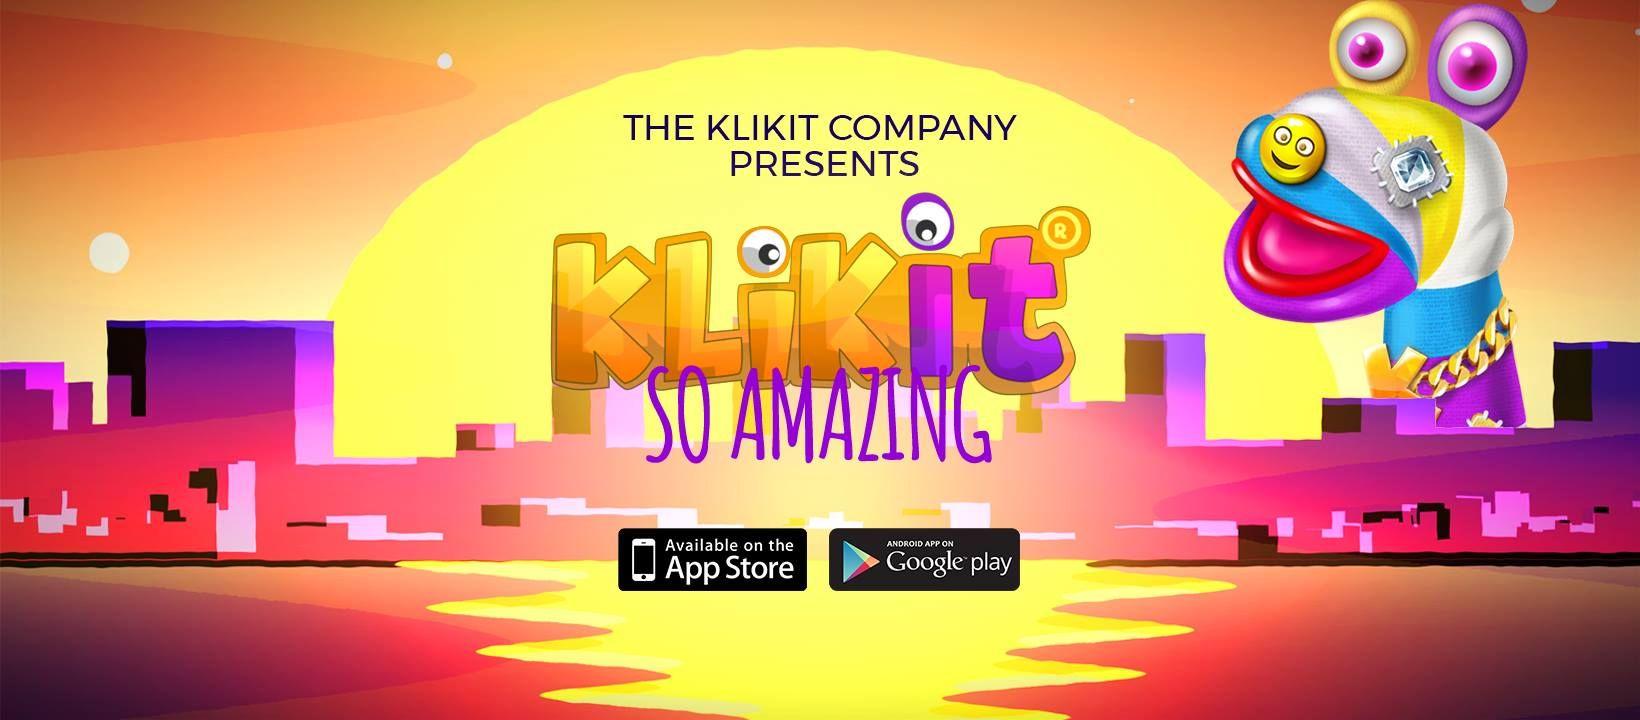 The Klikit Company